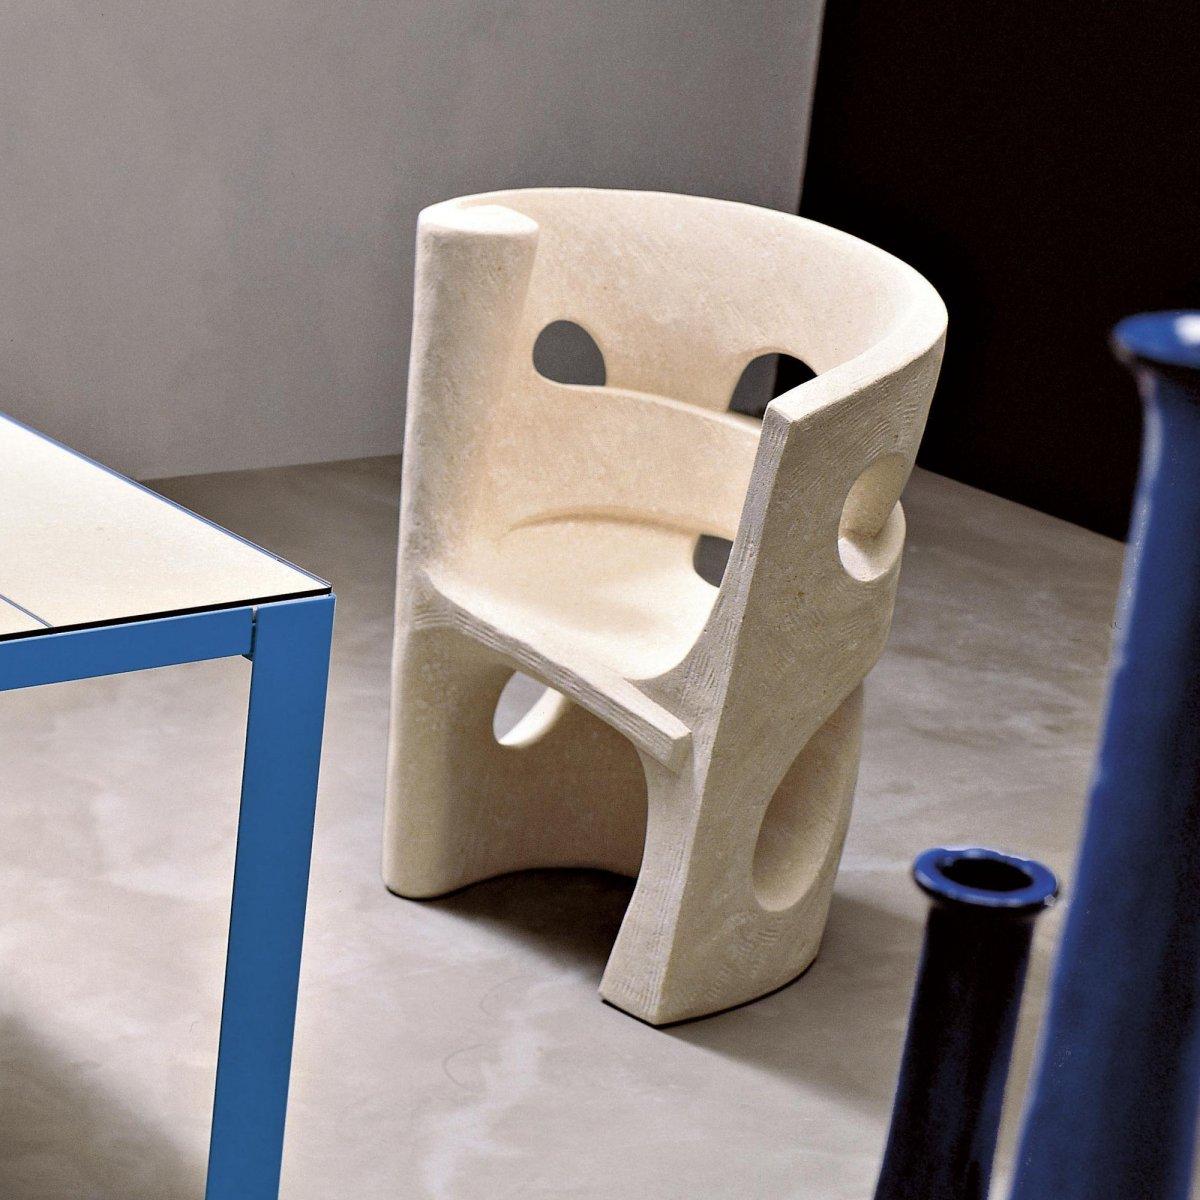 Tavoli E Sedie Vicenza.Pin Di Keihome Su Laboratorio Del Marmo Tavolo E Sedie